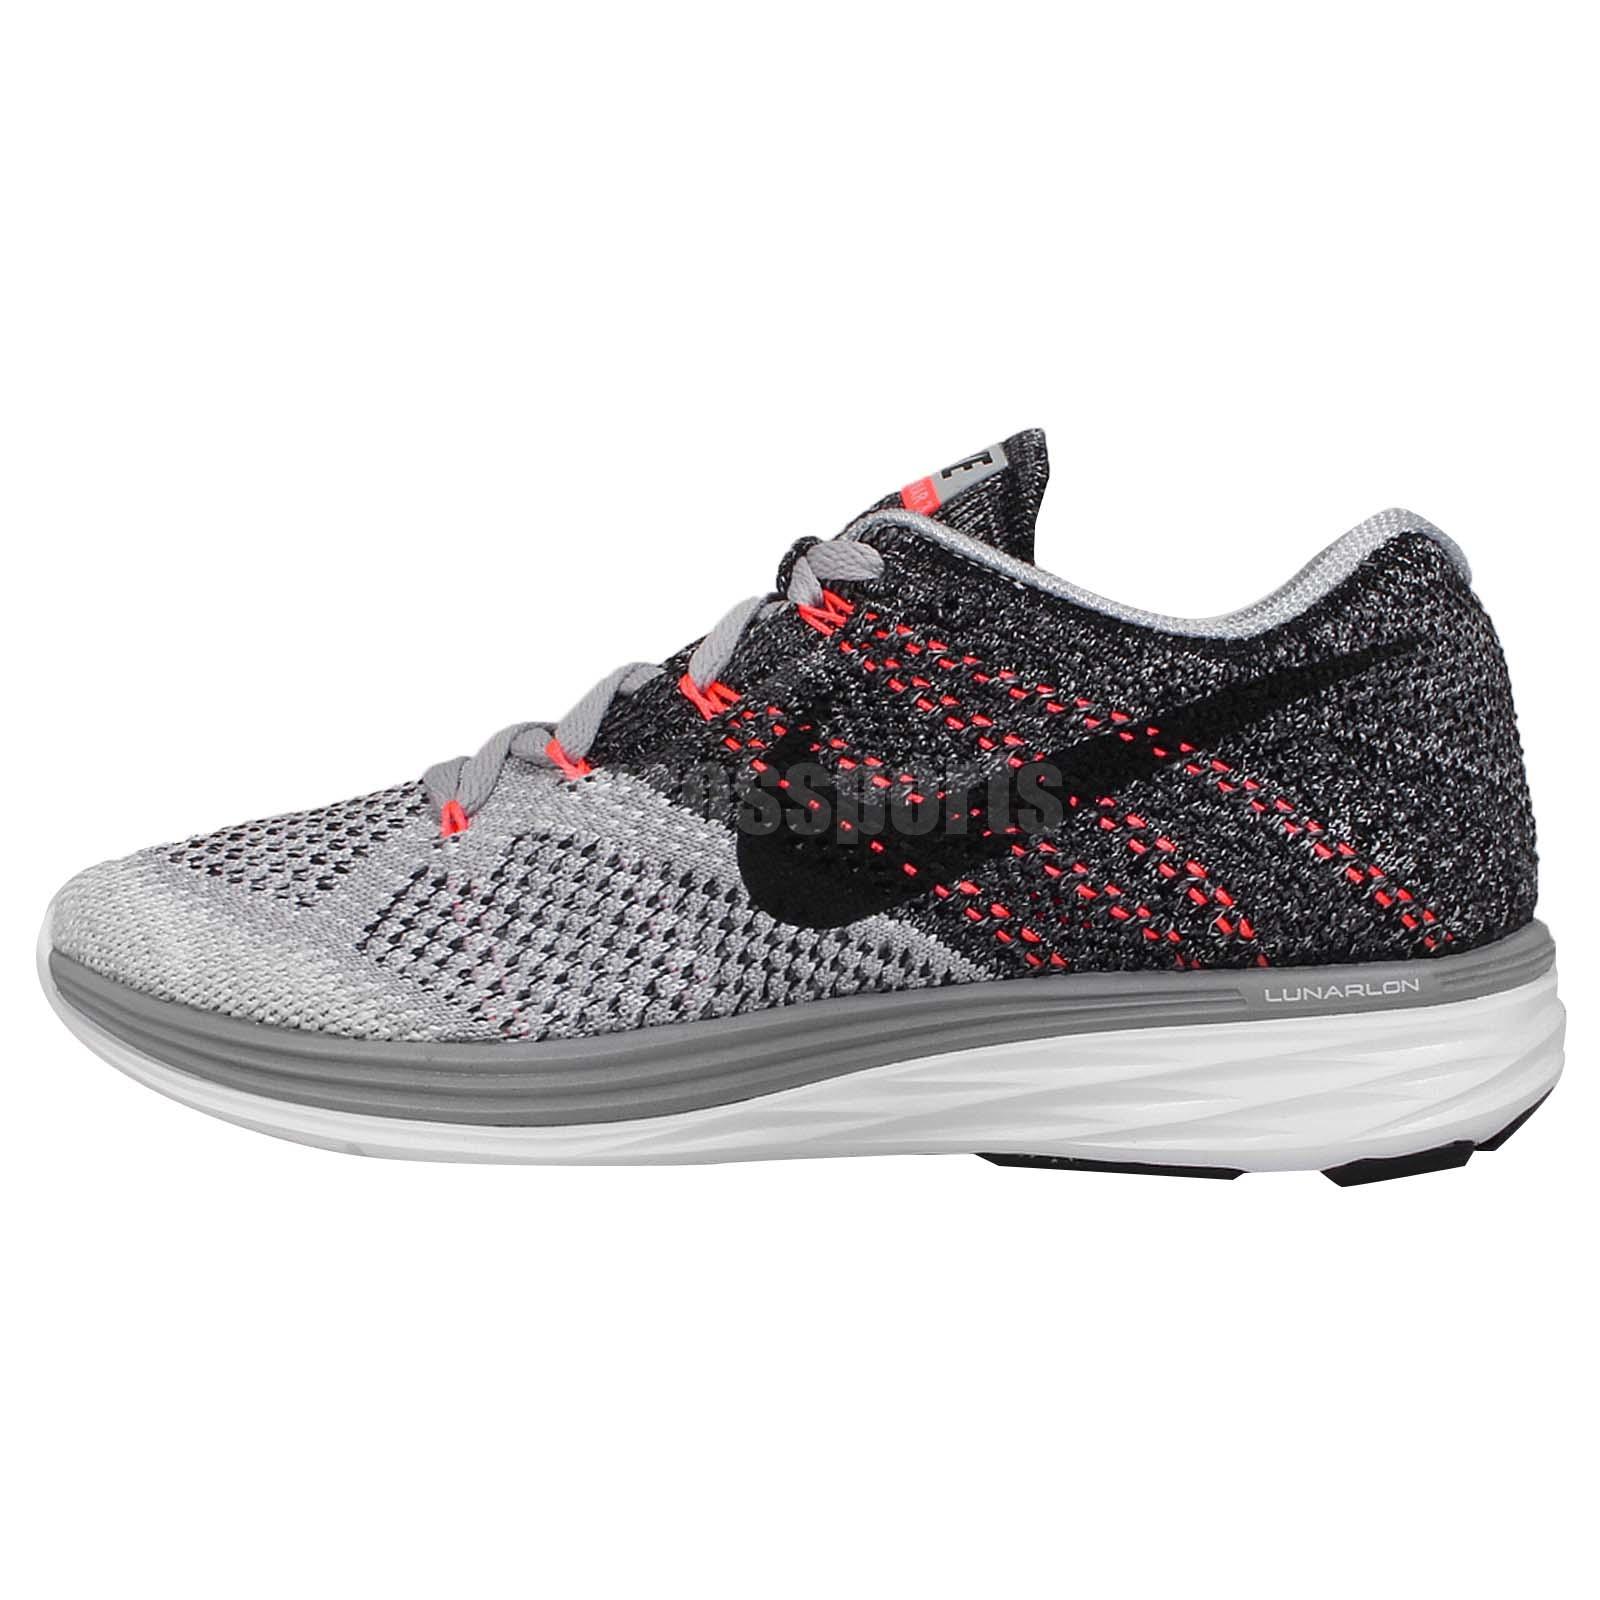 Perfect 40 Off Nike Shoes  Nike Lunarlon Running Shoes Boys39 5 Women39s 6